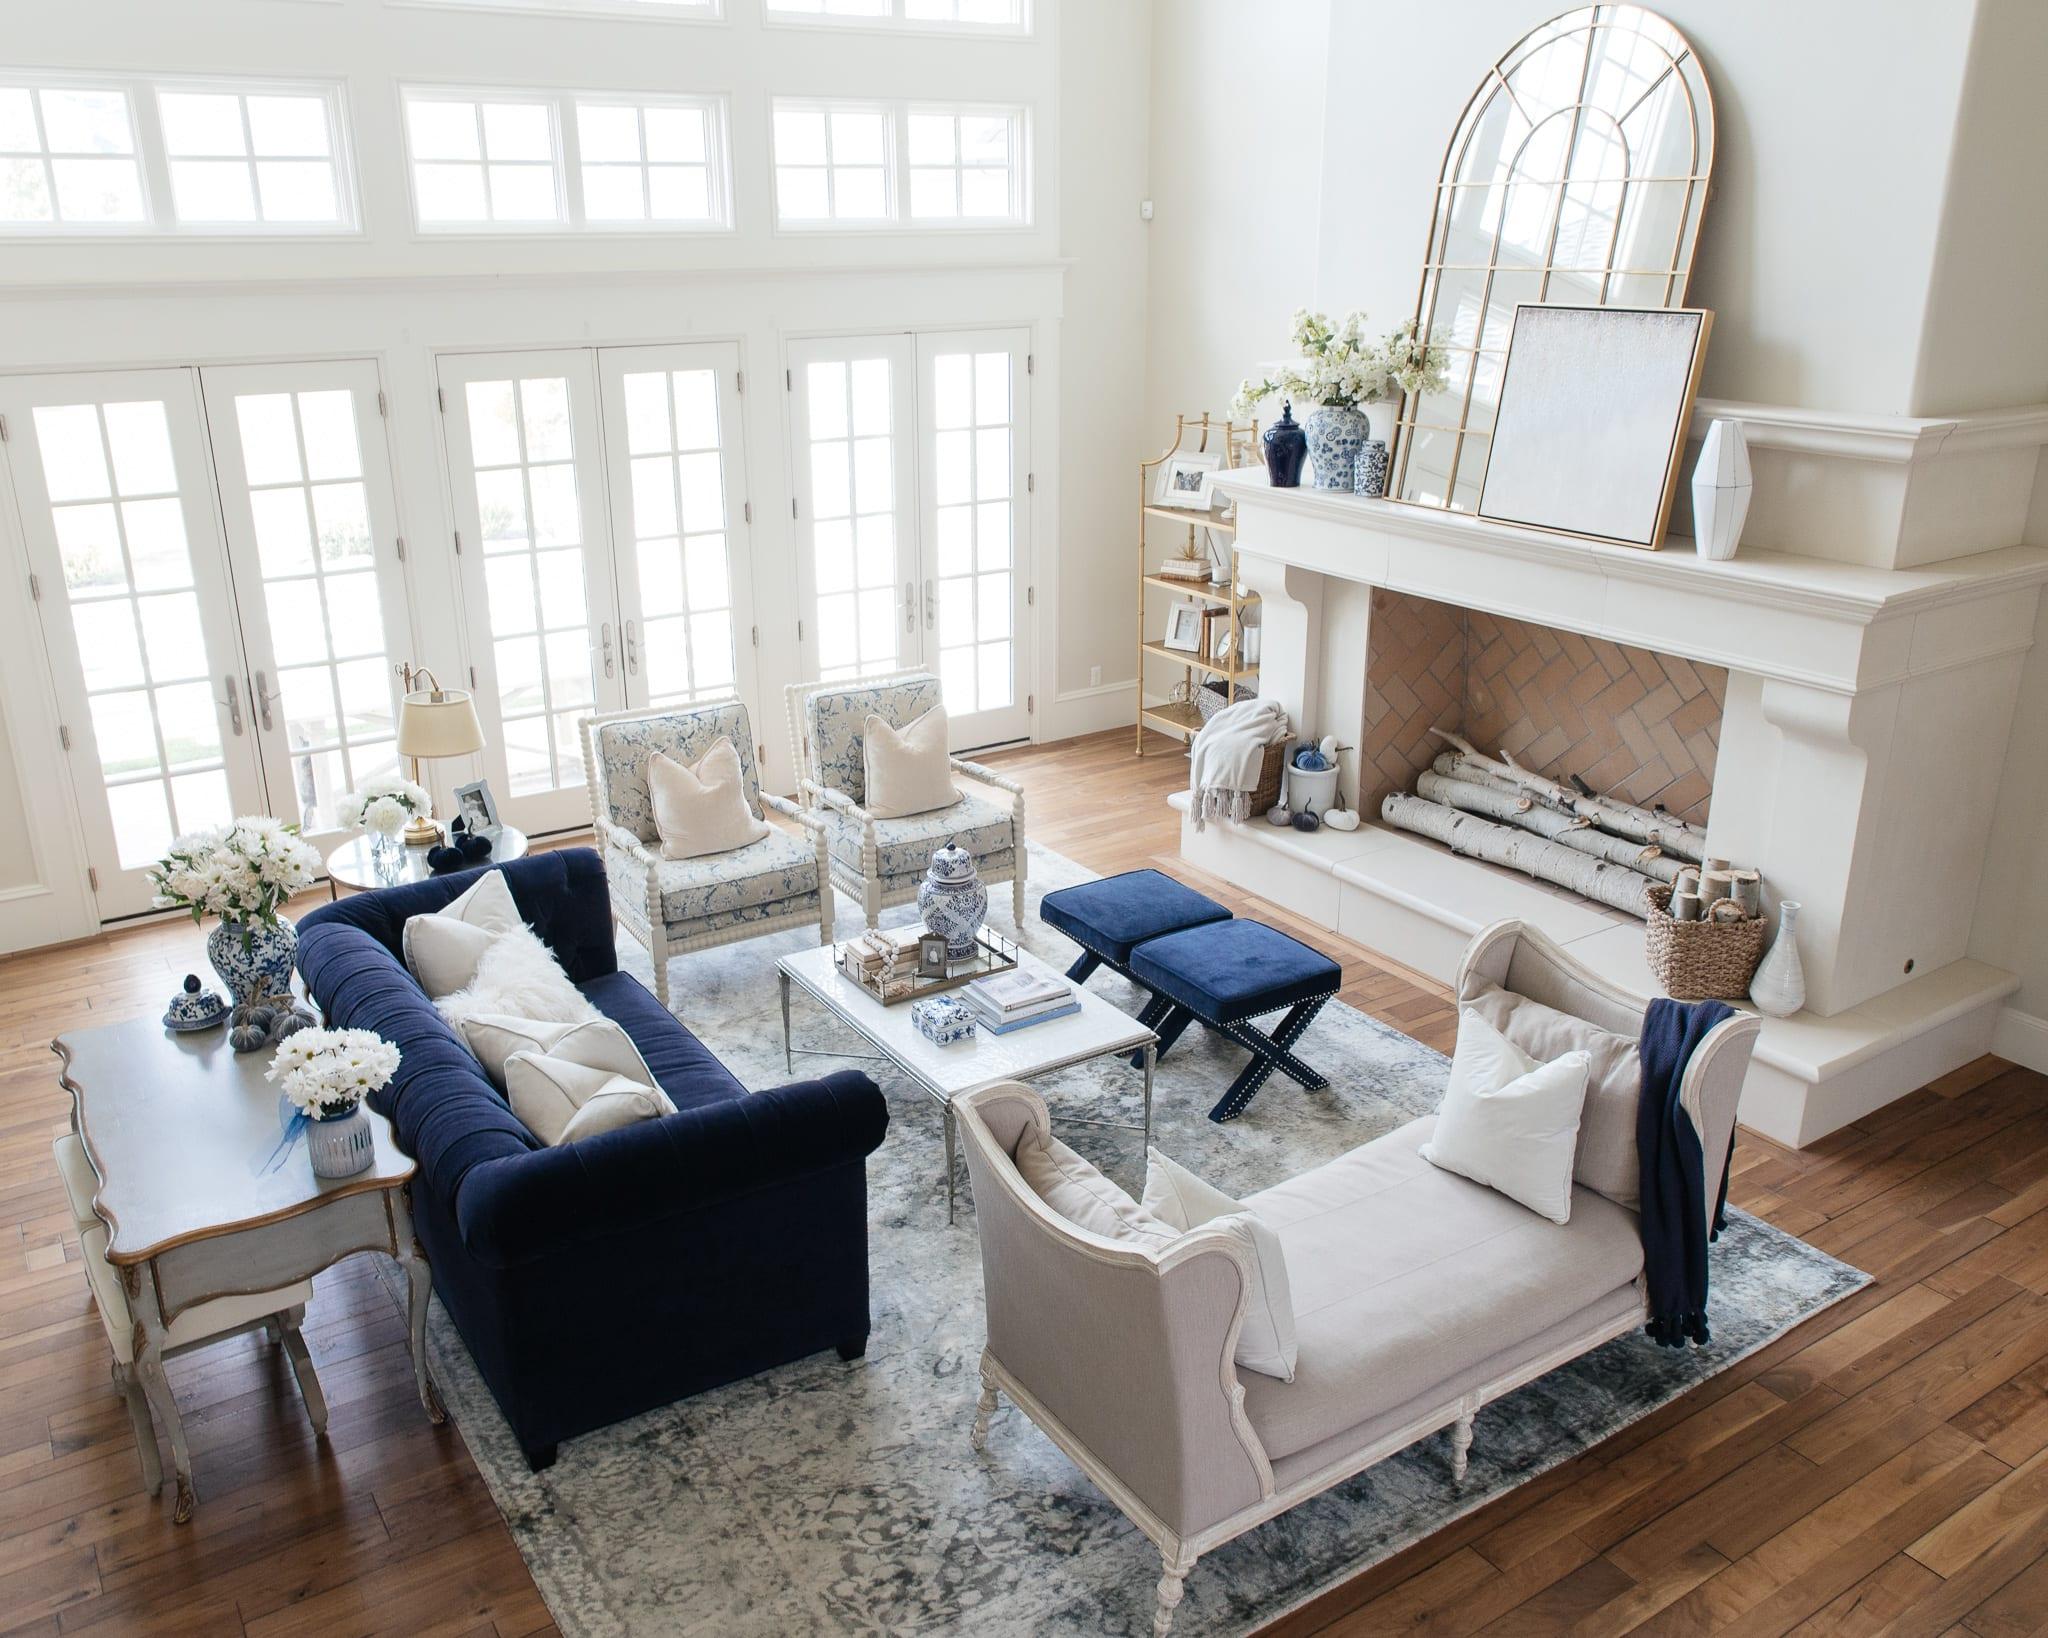 living room fall decor home decor home tour interior design ideas fall decorating home